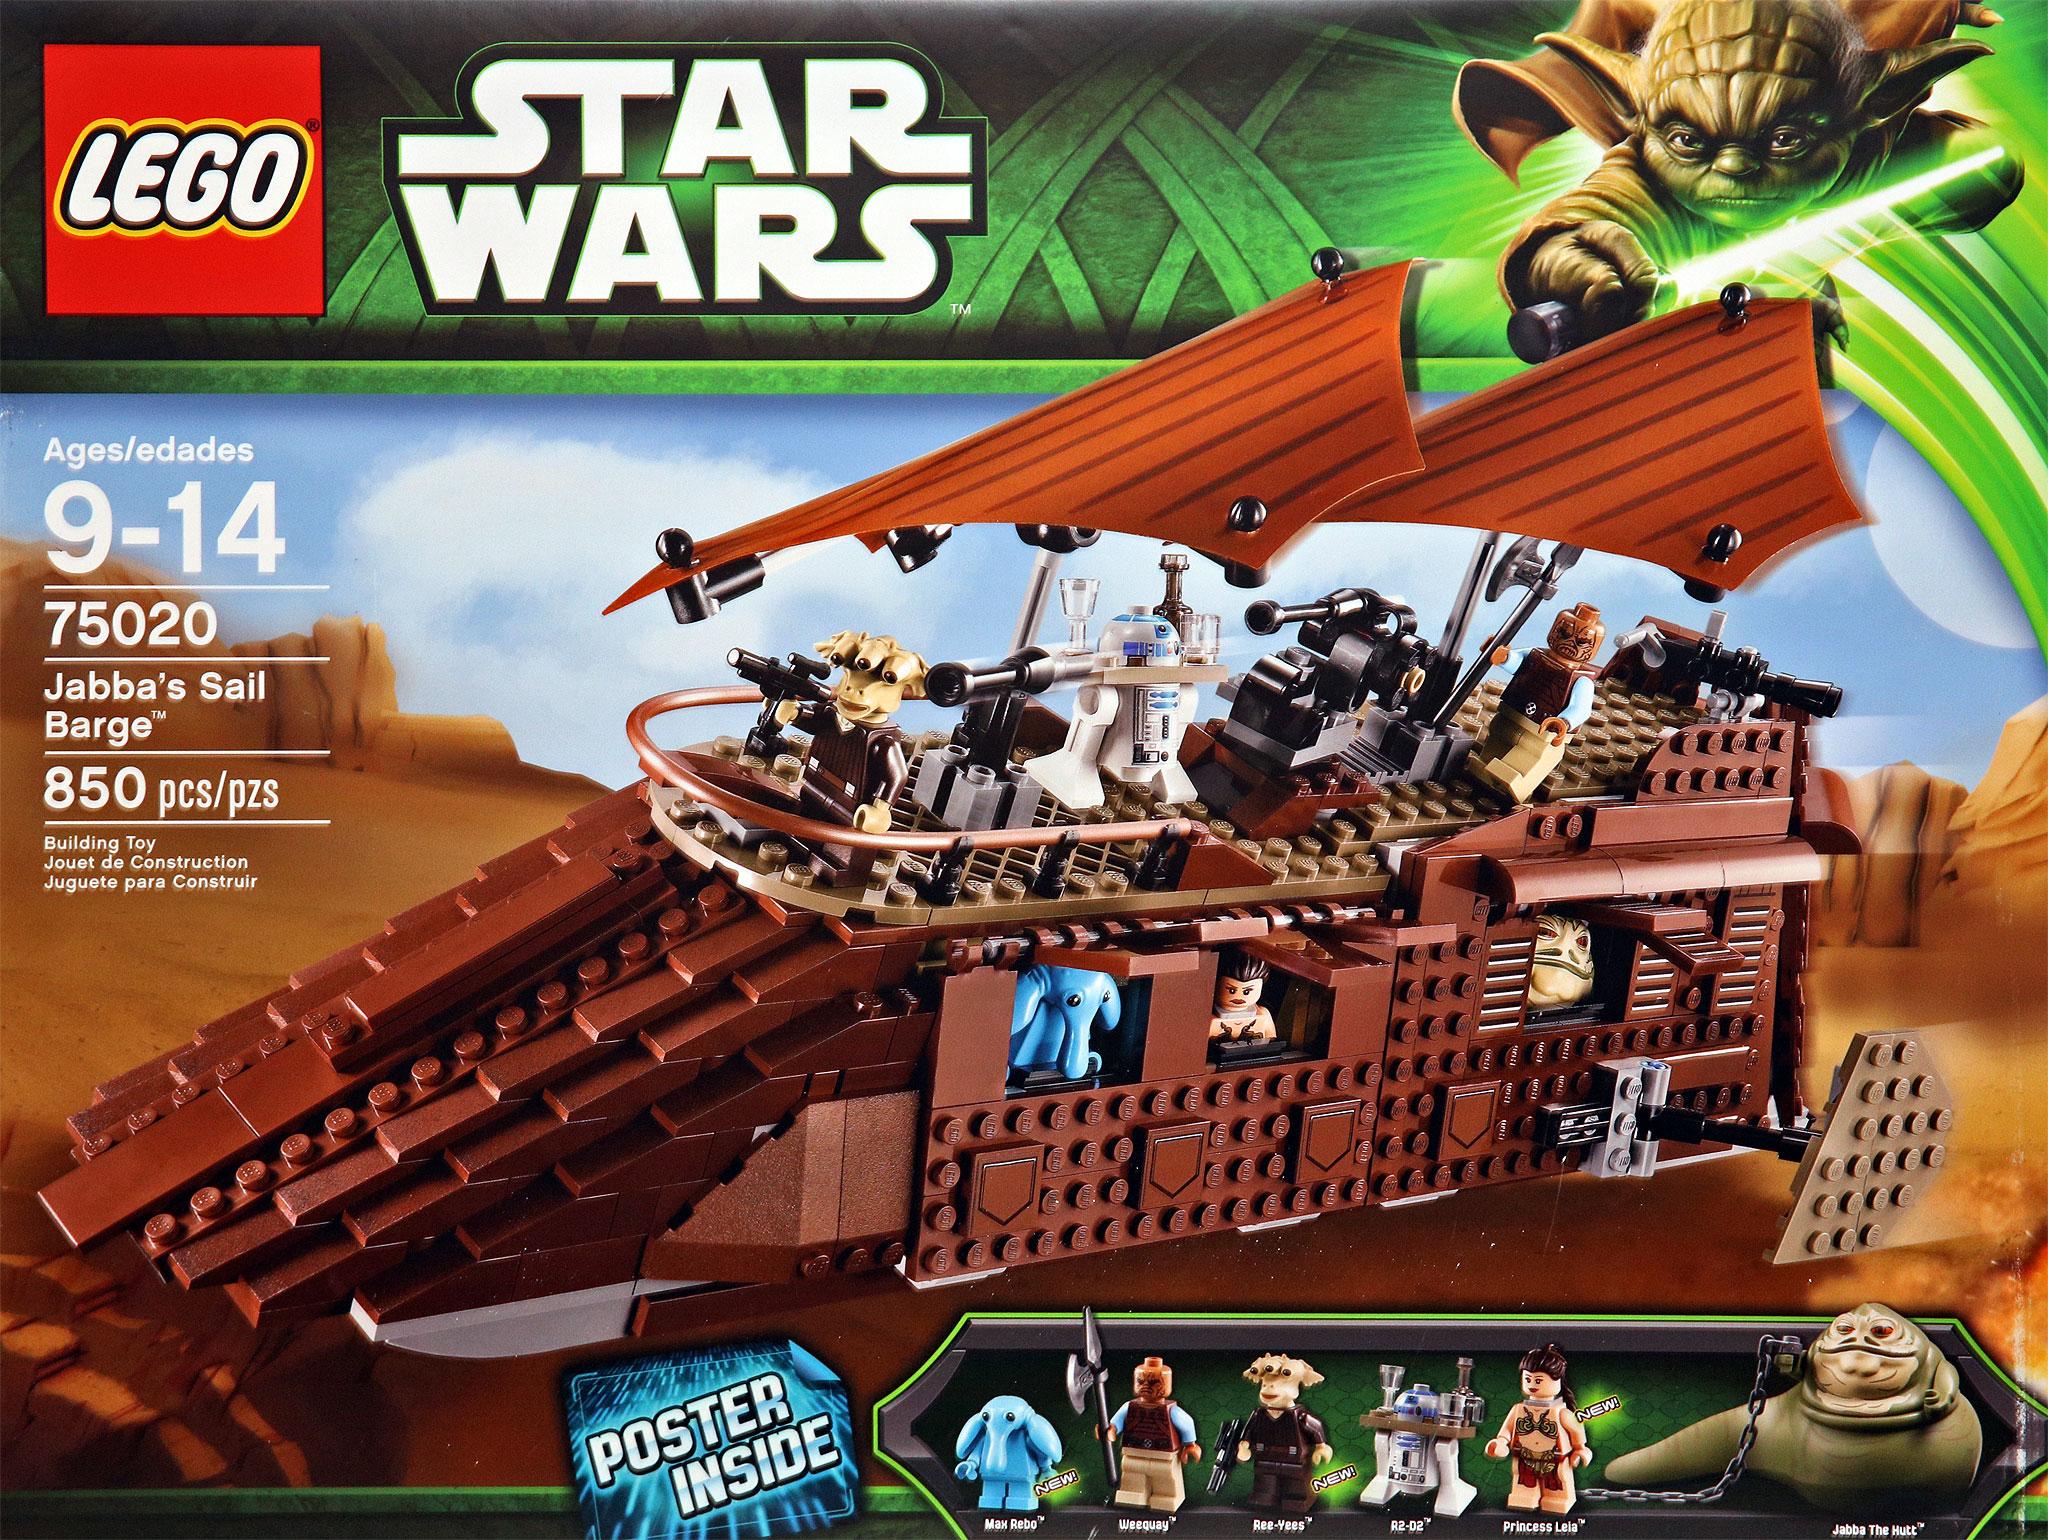 jeu de lego star wars gratuit en ligne jeux playstation 2 wikipedia